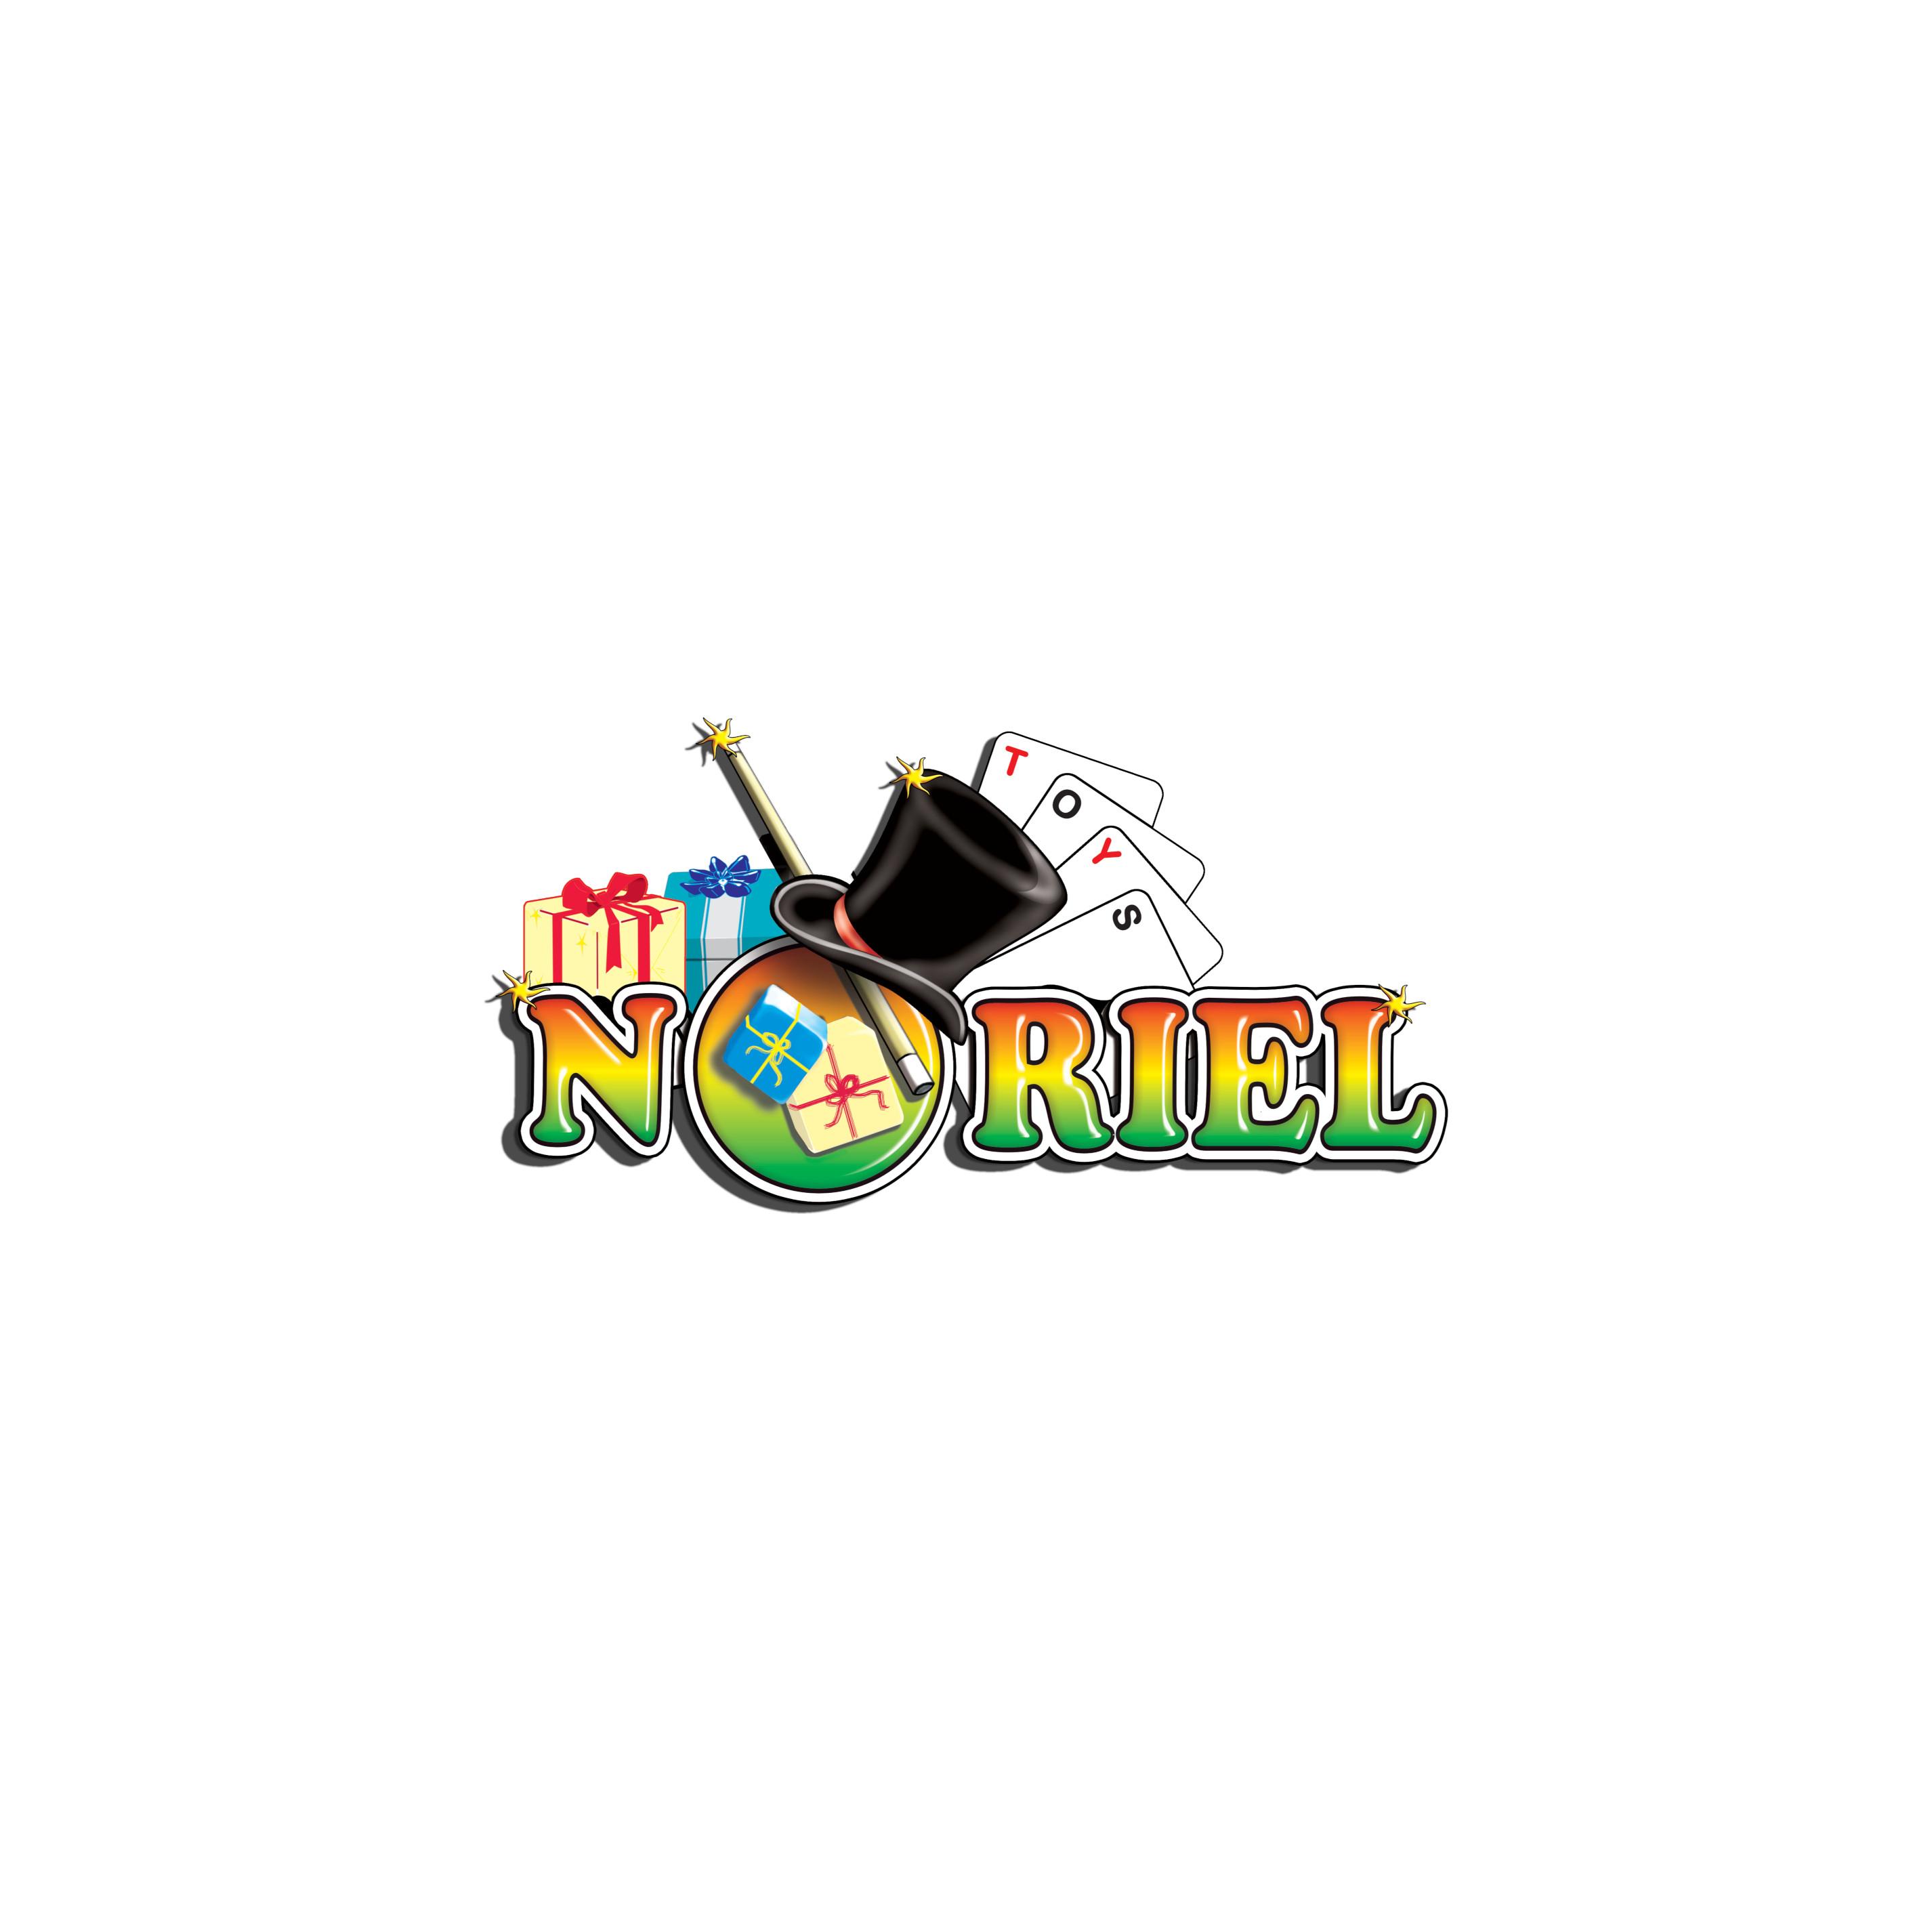 22331387 Tricou cu imprimeu central Minoti Funhouse, Multicolor